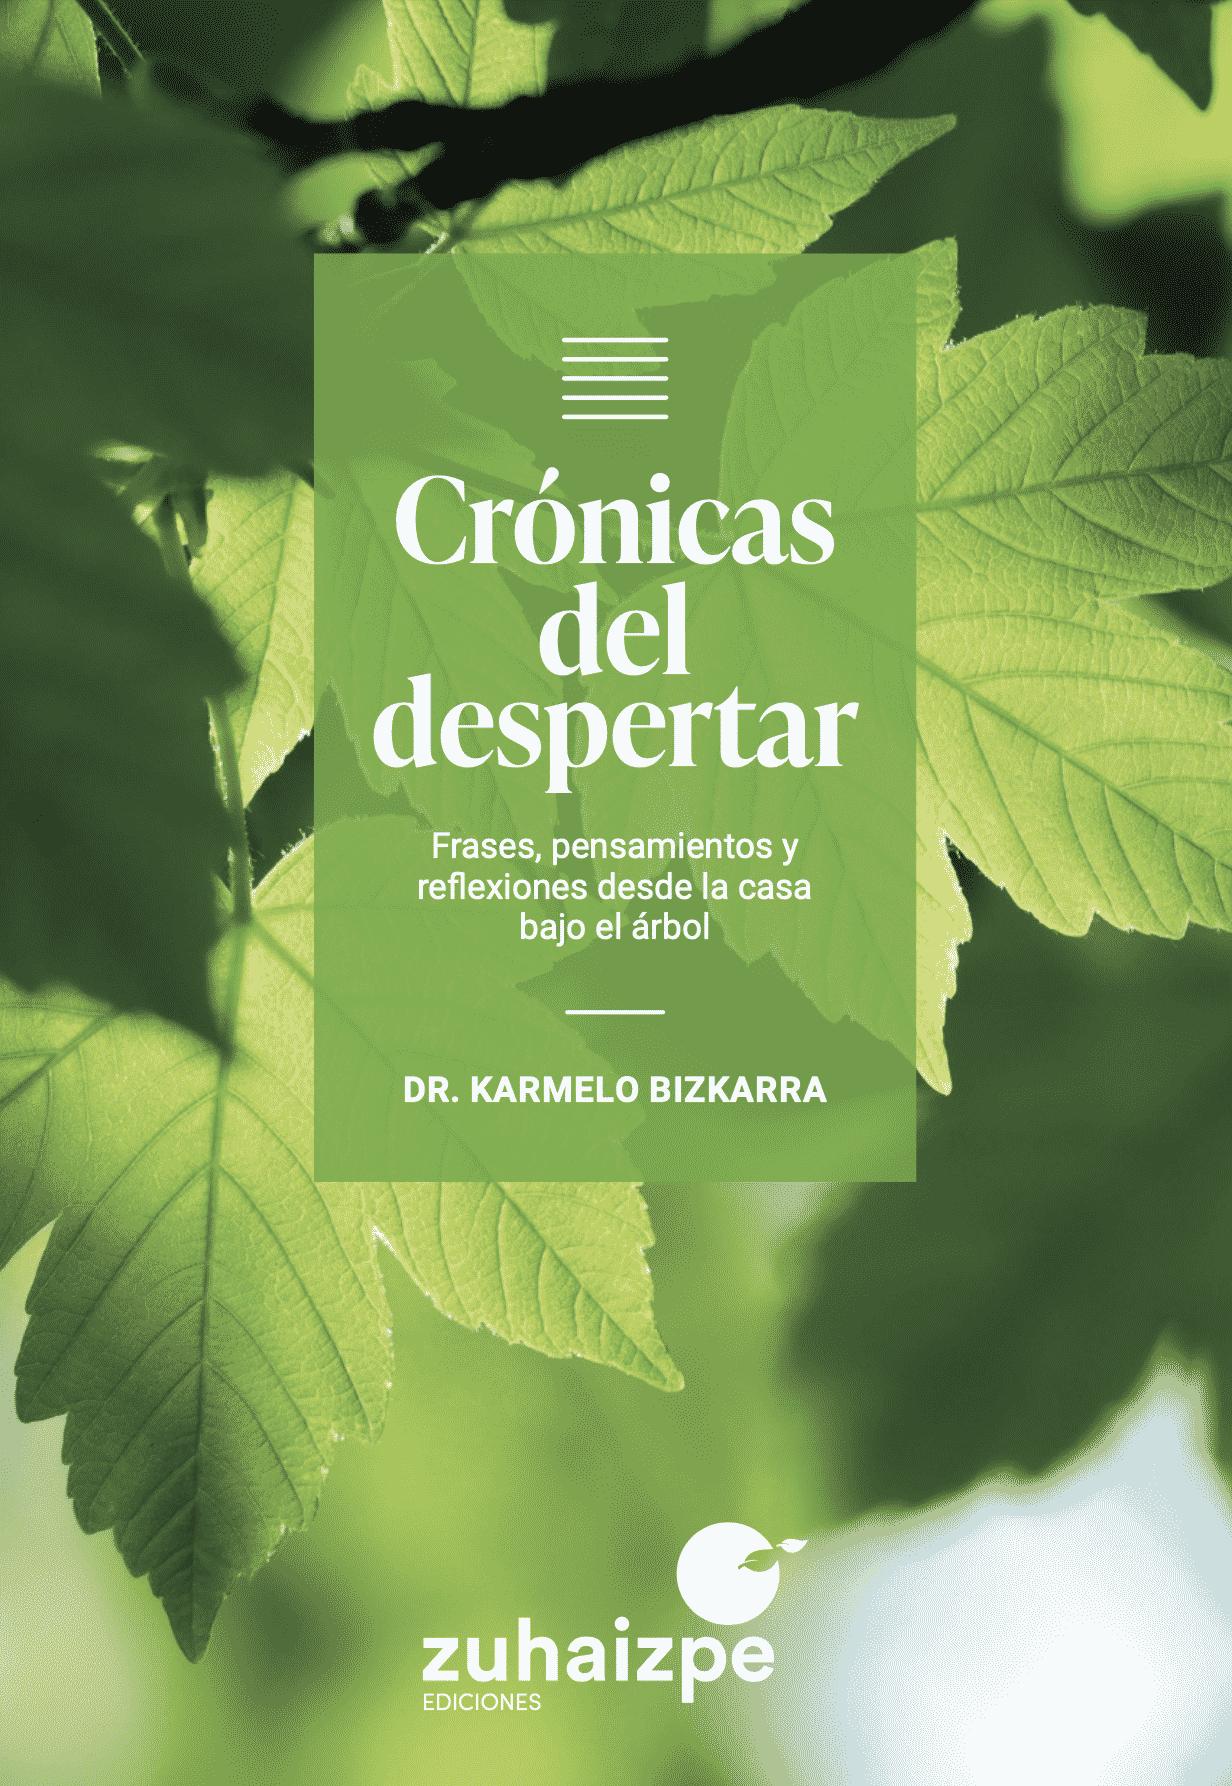 Crónicas del Despertar, de Ediciones Zuhaizpe